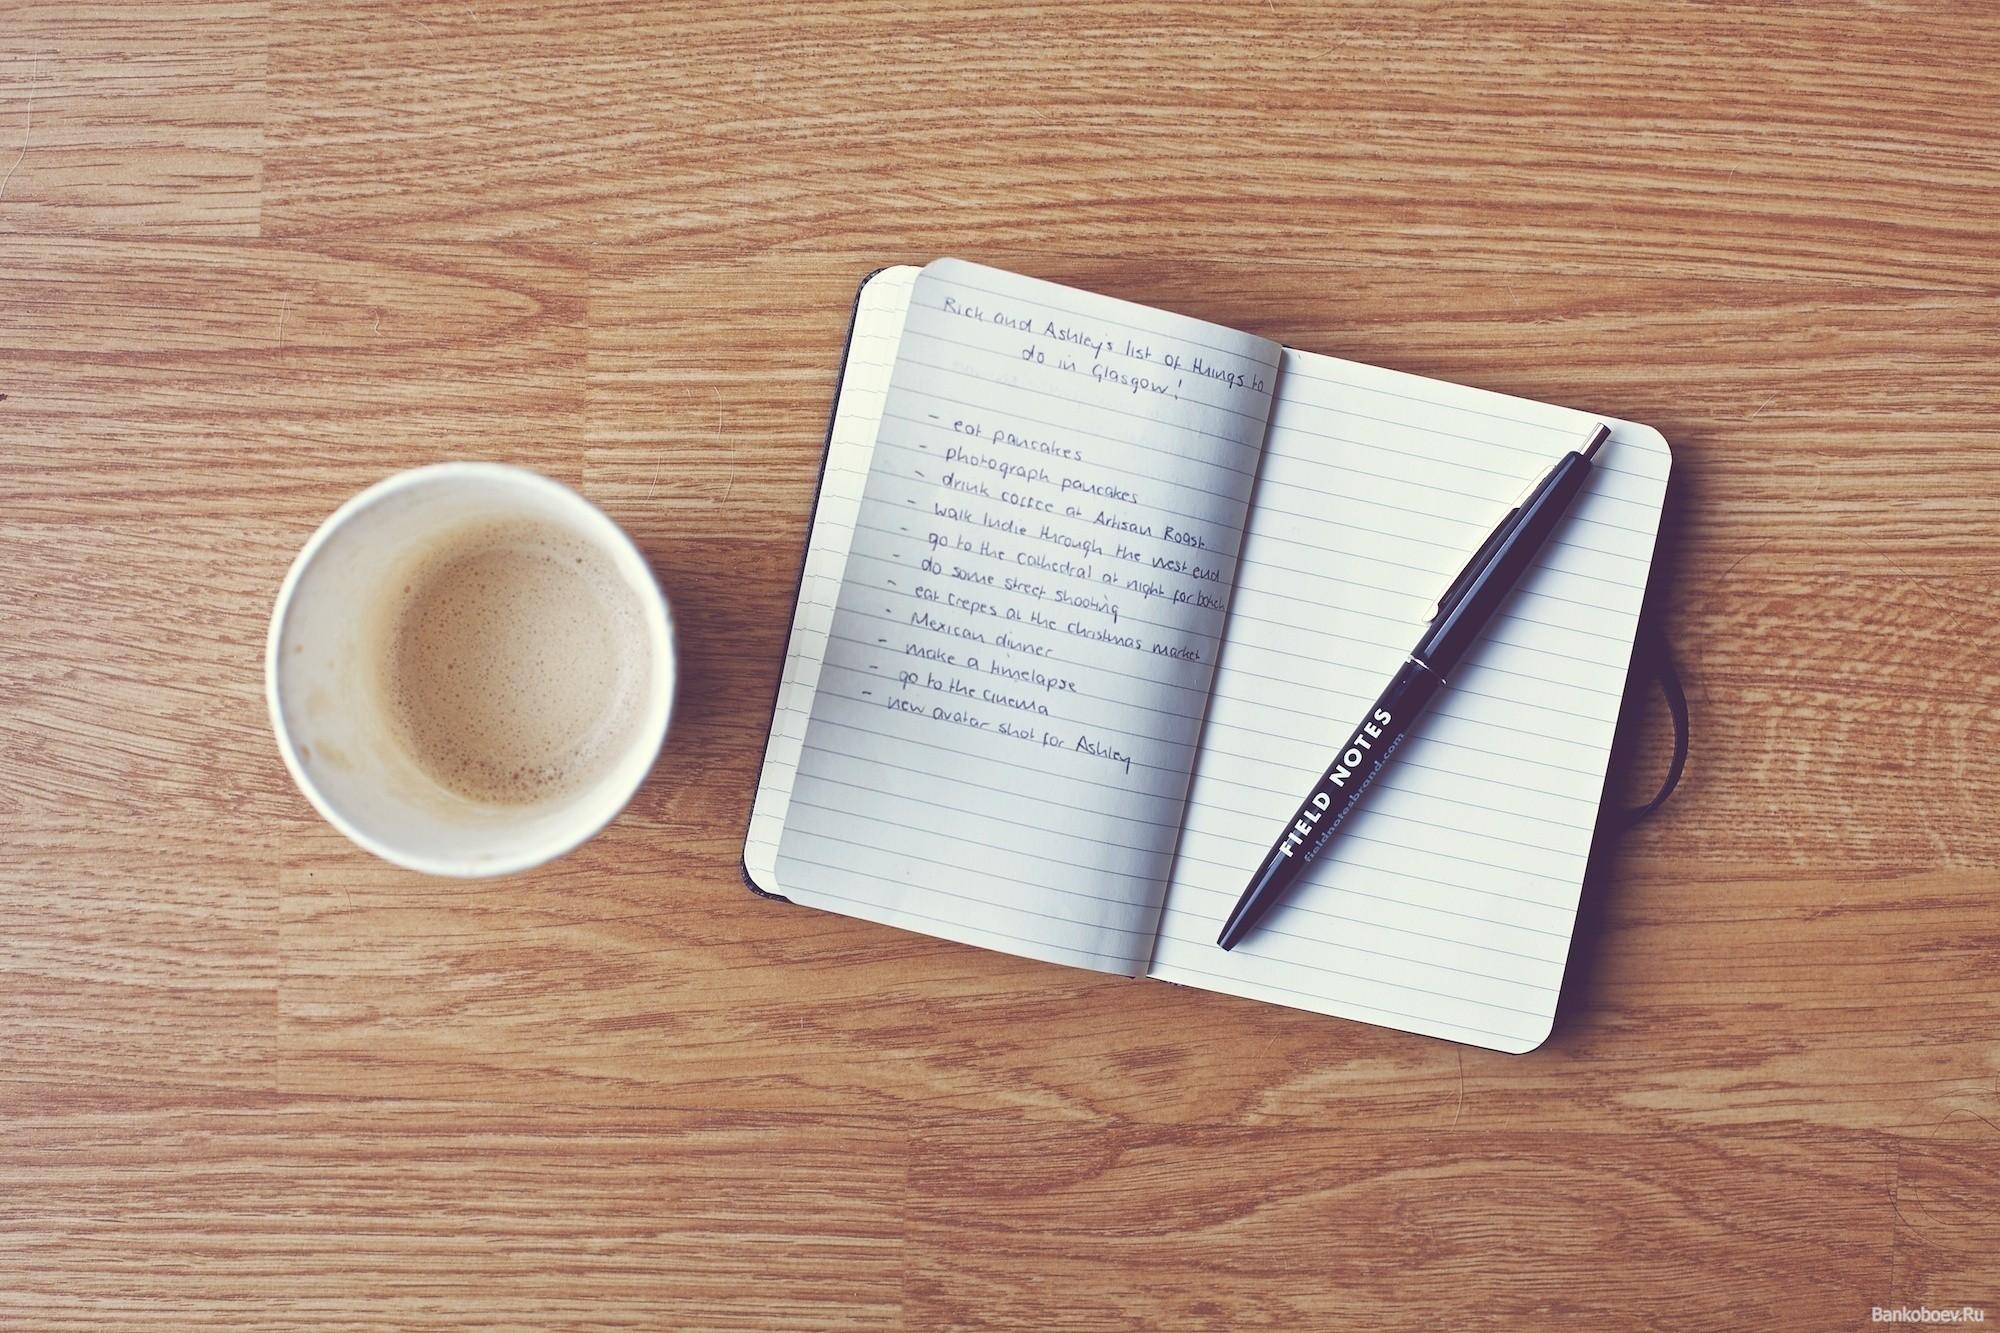 Размещен список дел, способных улучшить жизнь человека